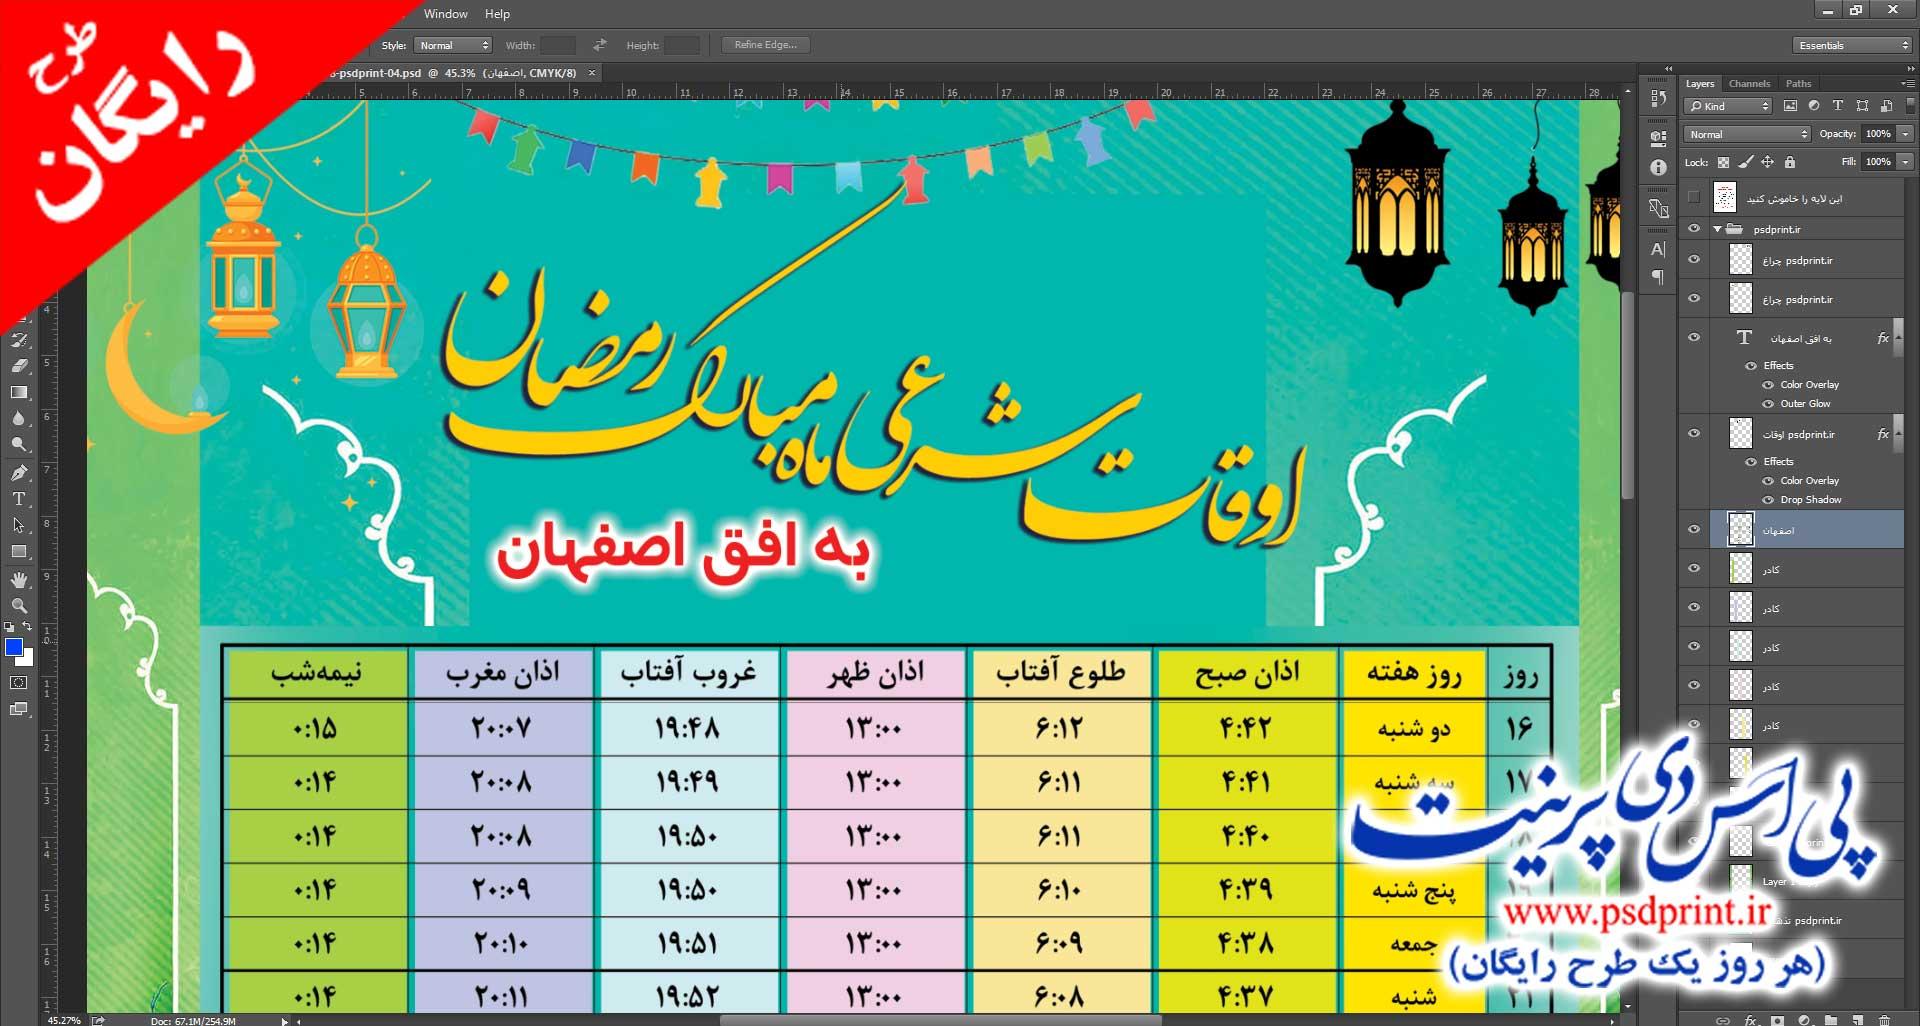 بنر اوقات شرعی رمضان اصفهان